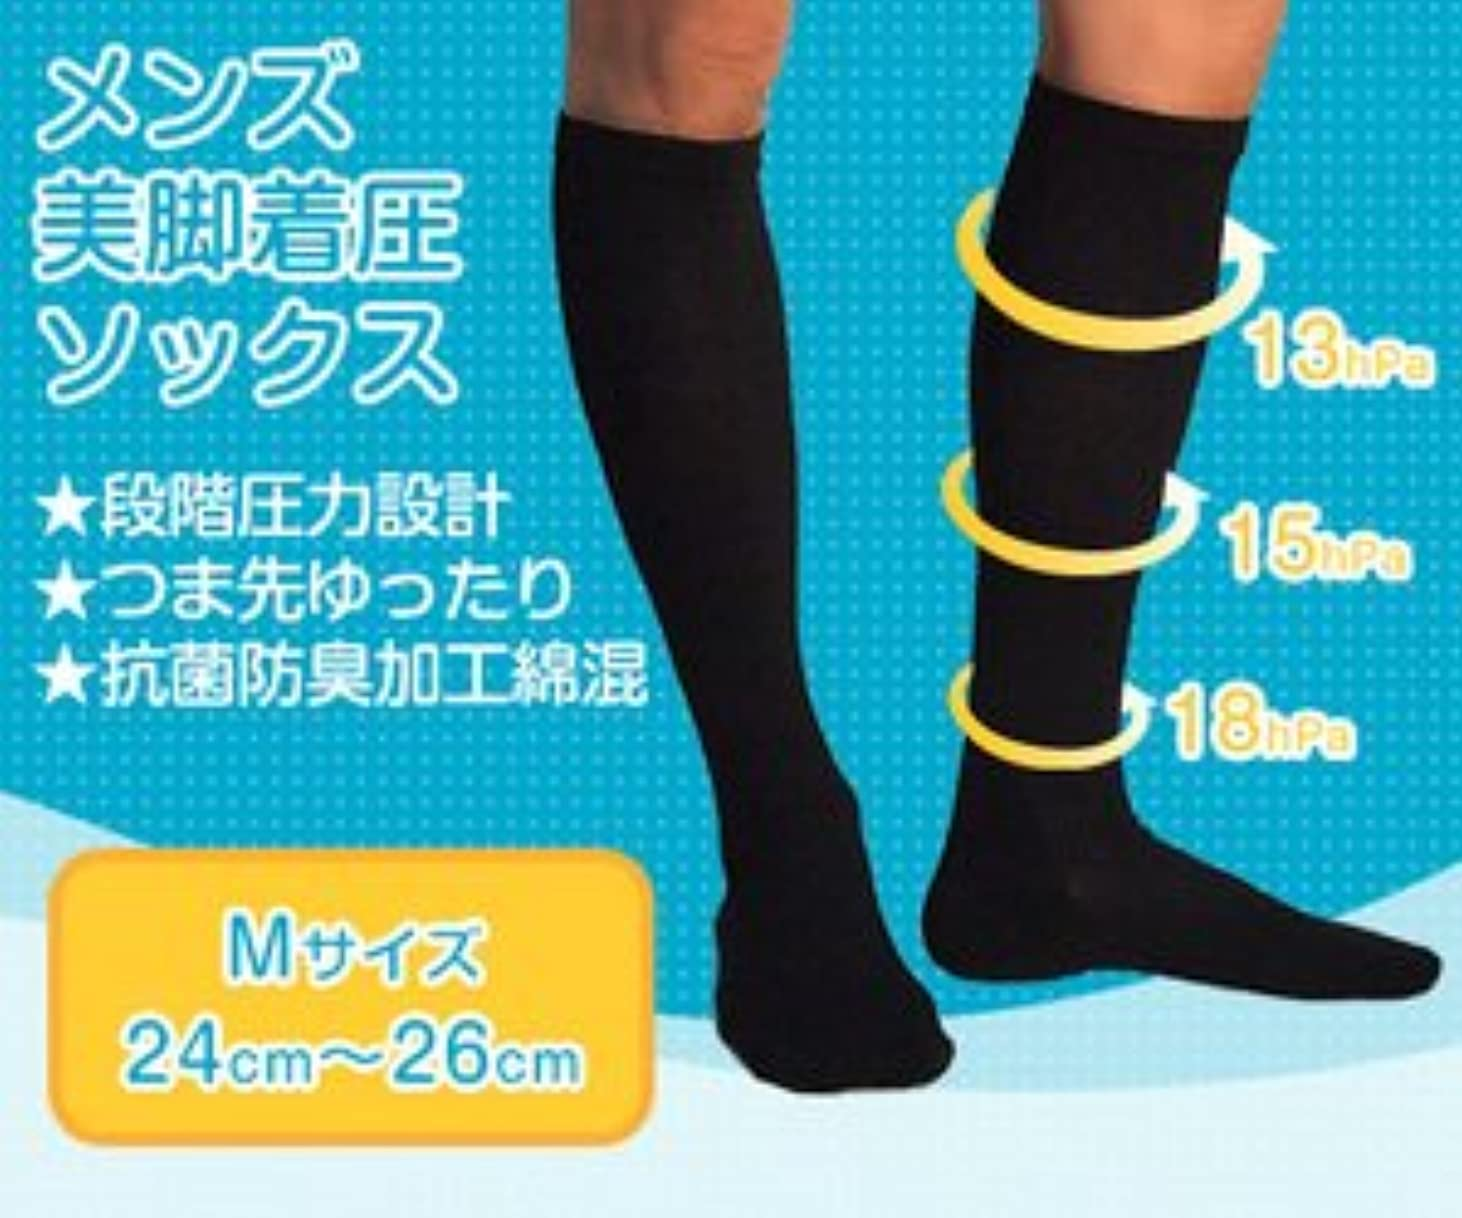 スケジュール少年木曜日5足組 男性用 綿 着圧ソックス 足の疲れ むくみ対策 黒 24-26cm 太陽ニット N001M